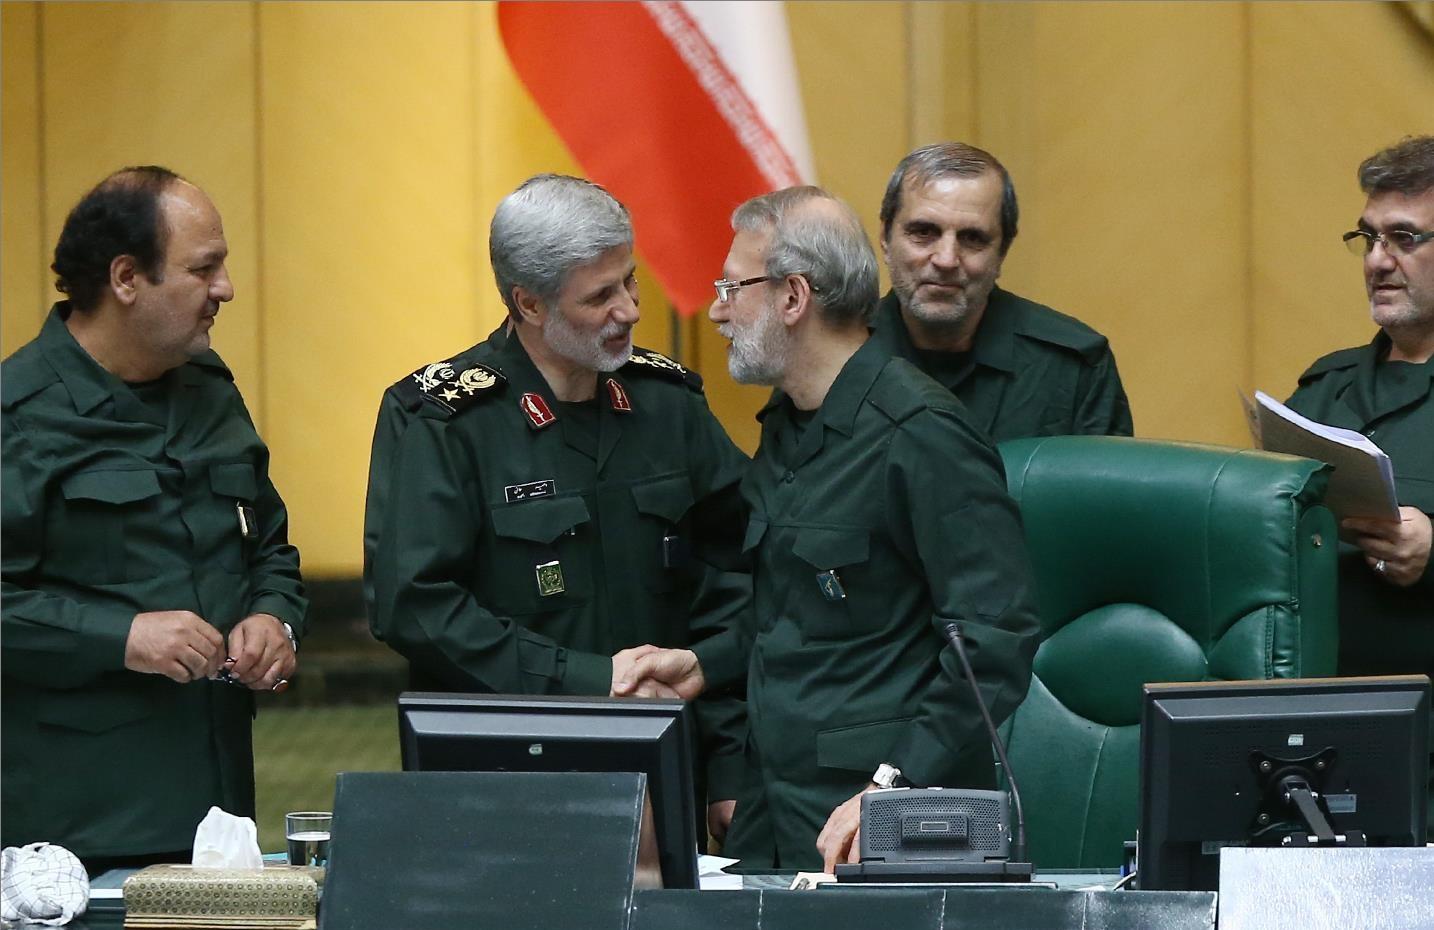 (تصویر) وزیری که با لباس سپاه خود را به ساختمان مجلس رساند